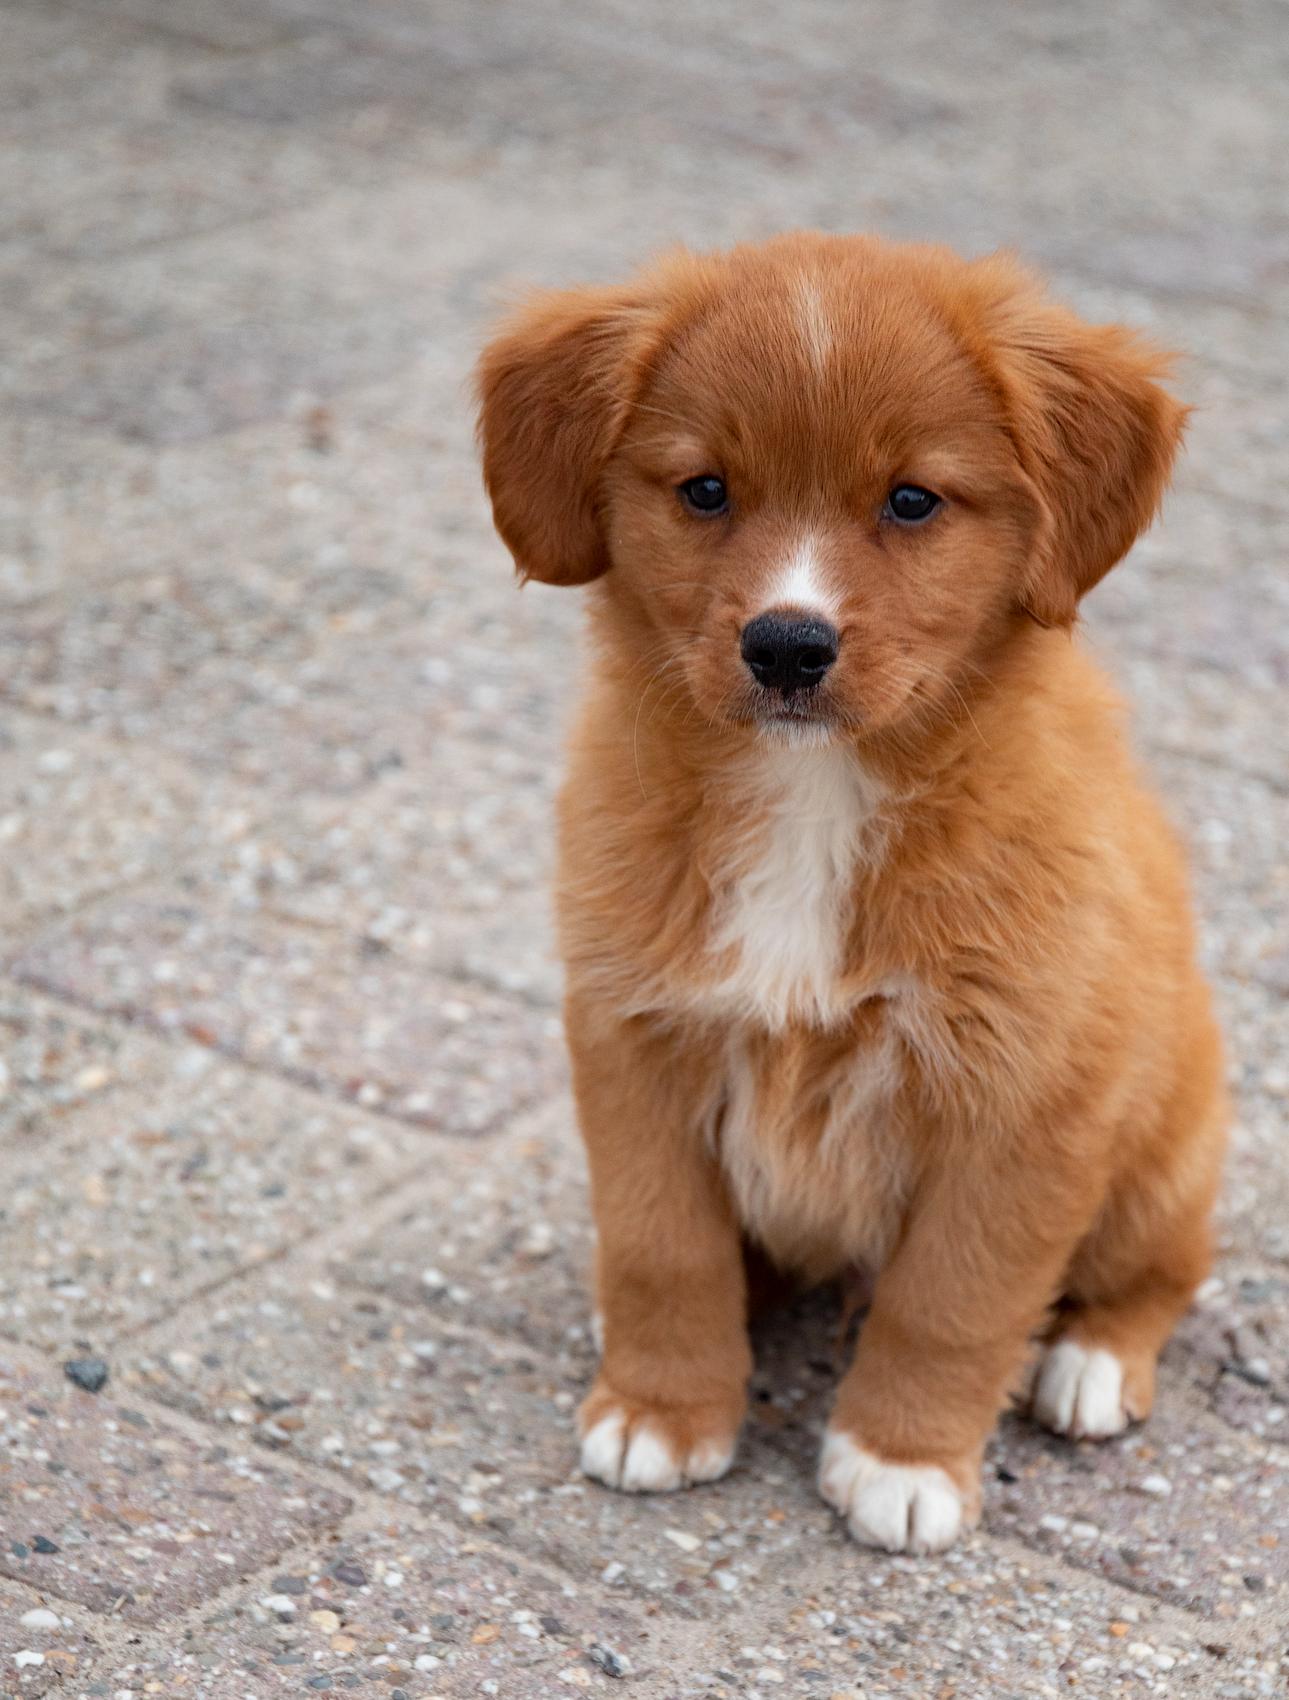 huisdieren dier hond buiten fashion lifestyle linkedin design beauty content creatie video videografie foto fotografie 4K bedrijven bedrijfsvideo bedrijfsfoto promotie- RSDesigns